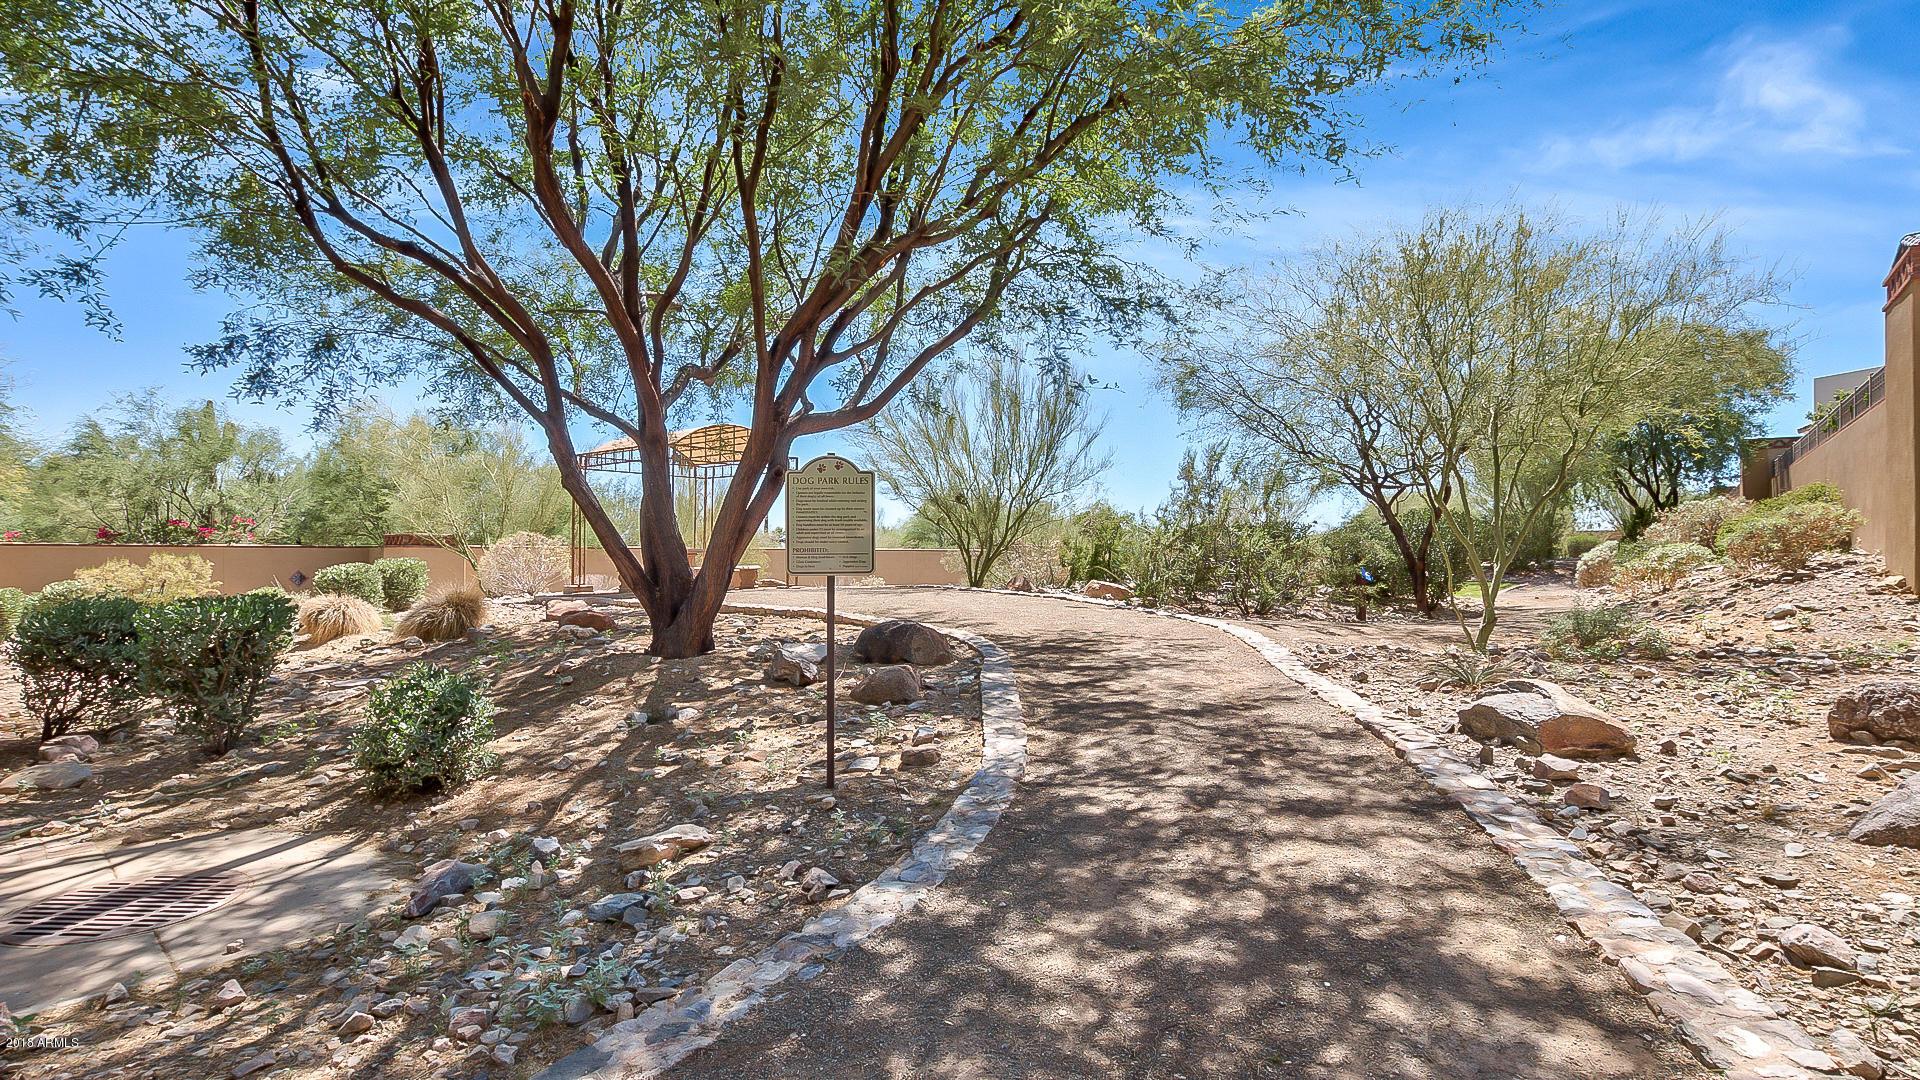 MLS 5788376 3965 E SIERRA VISTA Drive, Paradise Valley, AZ Paradise Valley AZ Newly Built